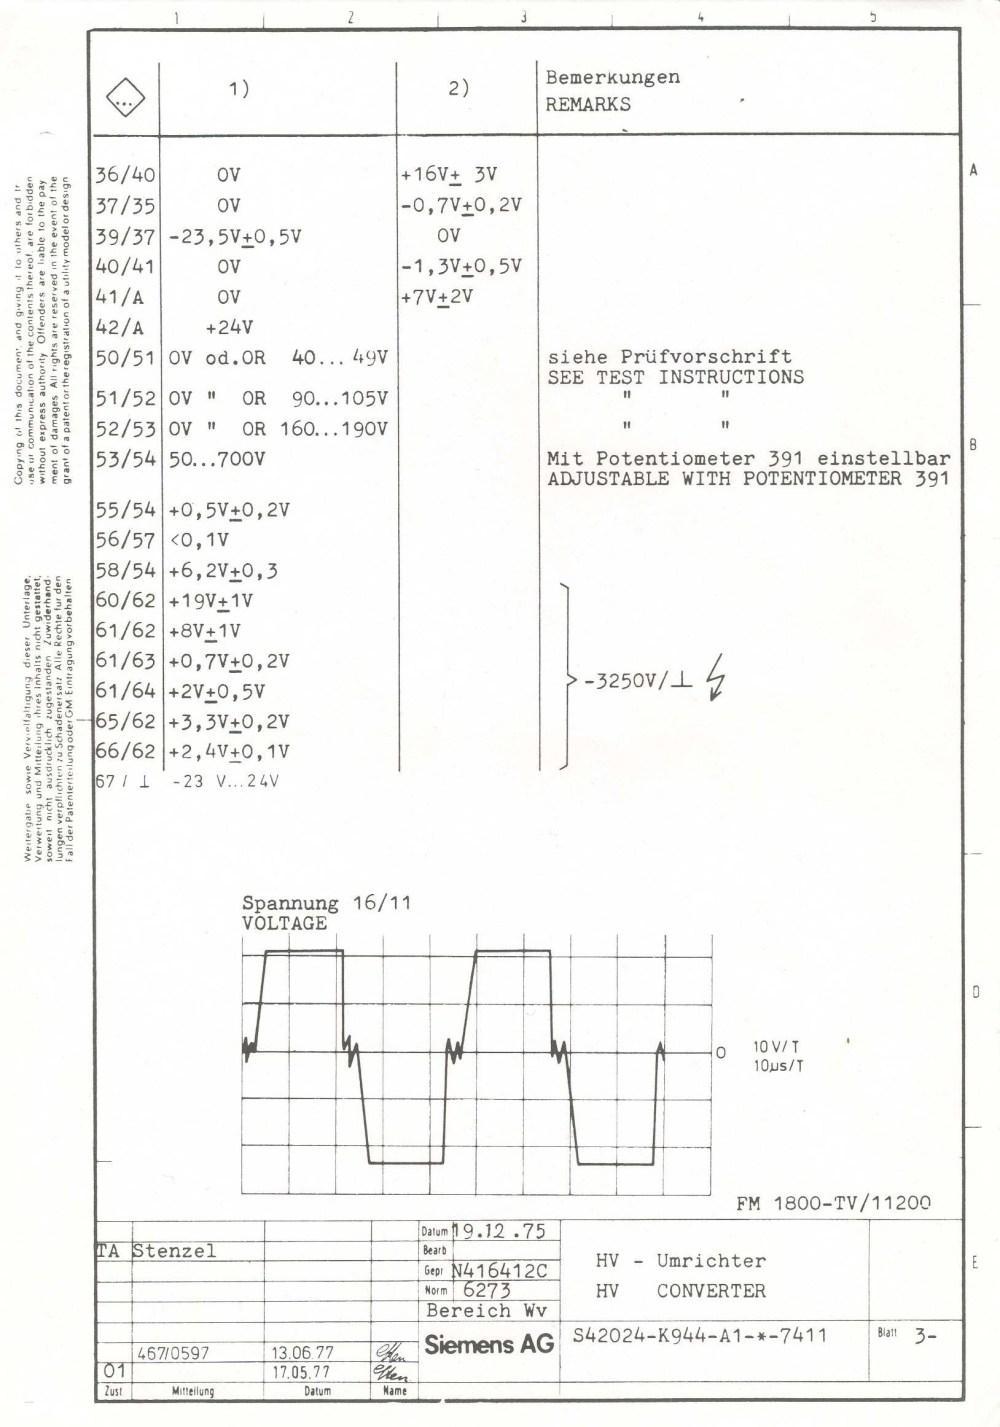 medium resolution of av wiring diagram software free